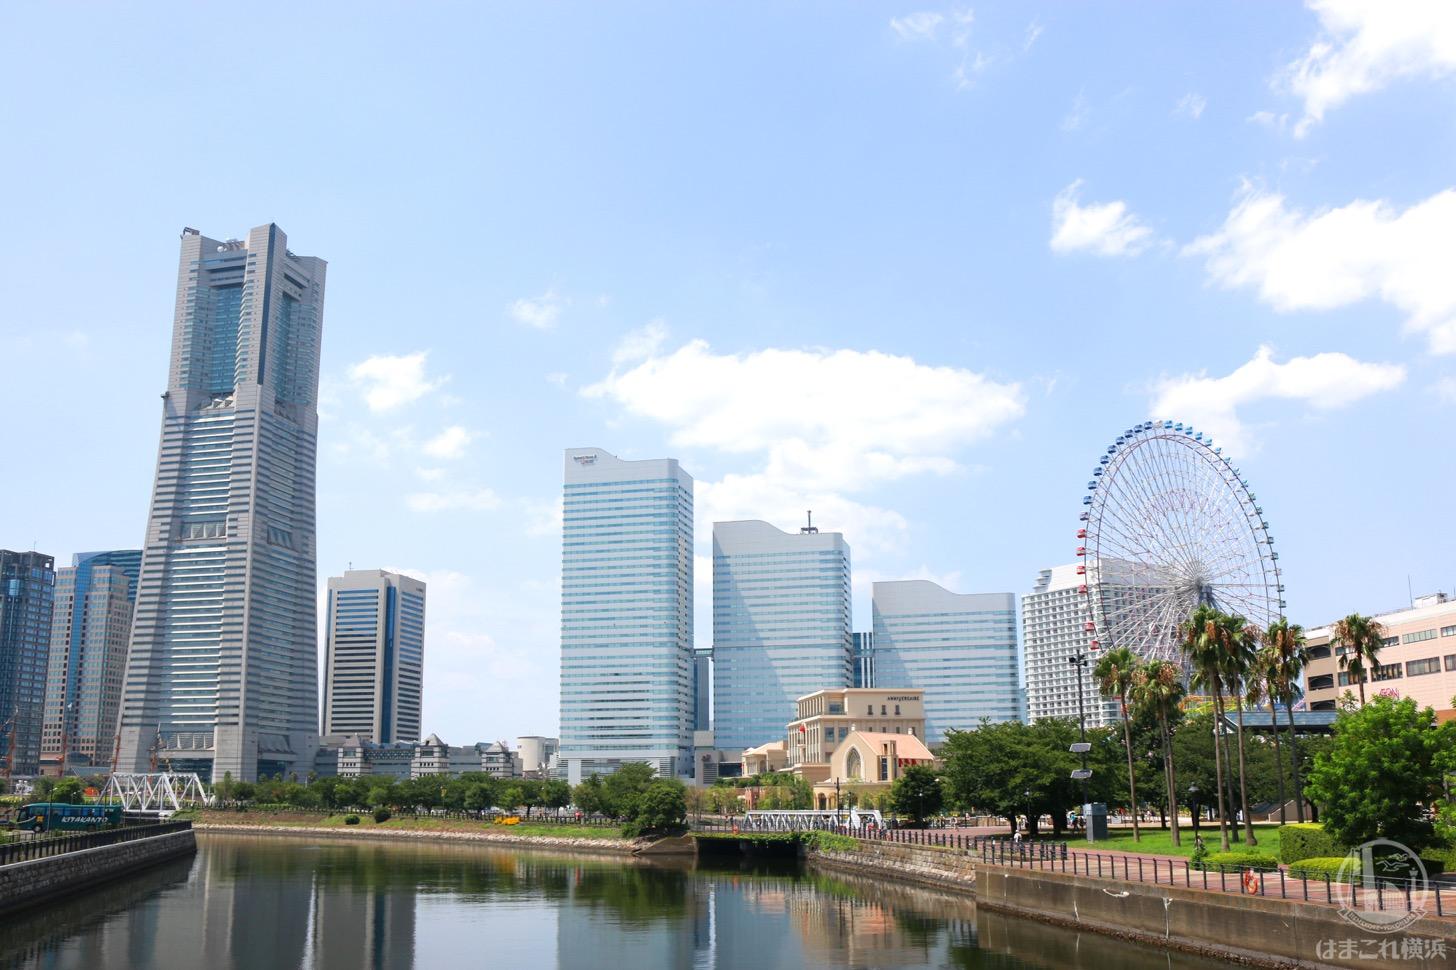 アド街ック天国「横浜ベイエリア」で紹介されたお店やスポット